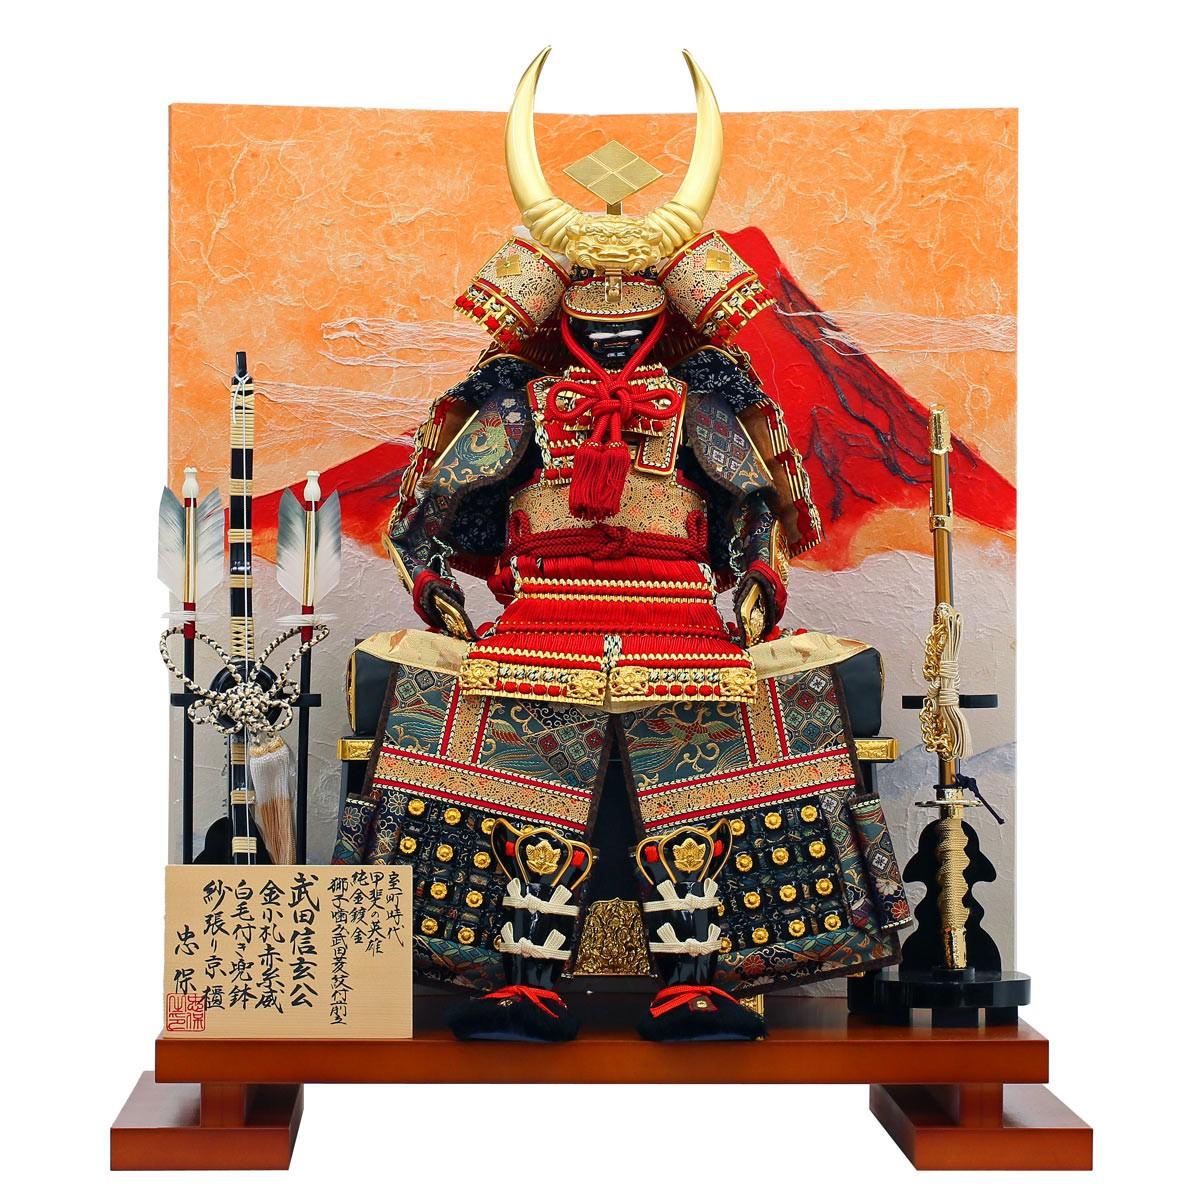 公�_武田信玄公之铠8号-赤富士饰り